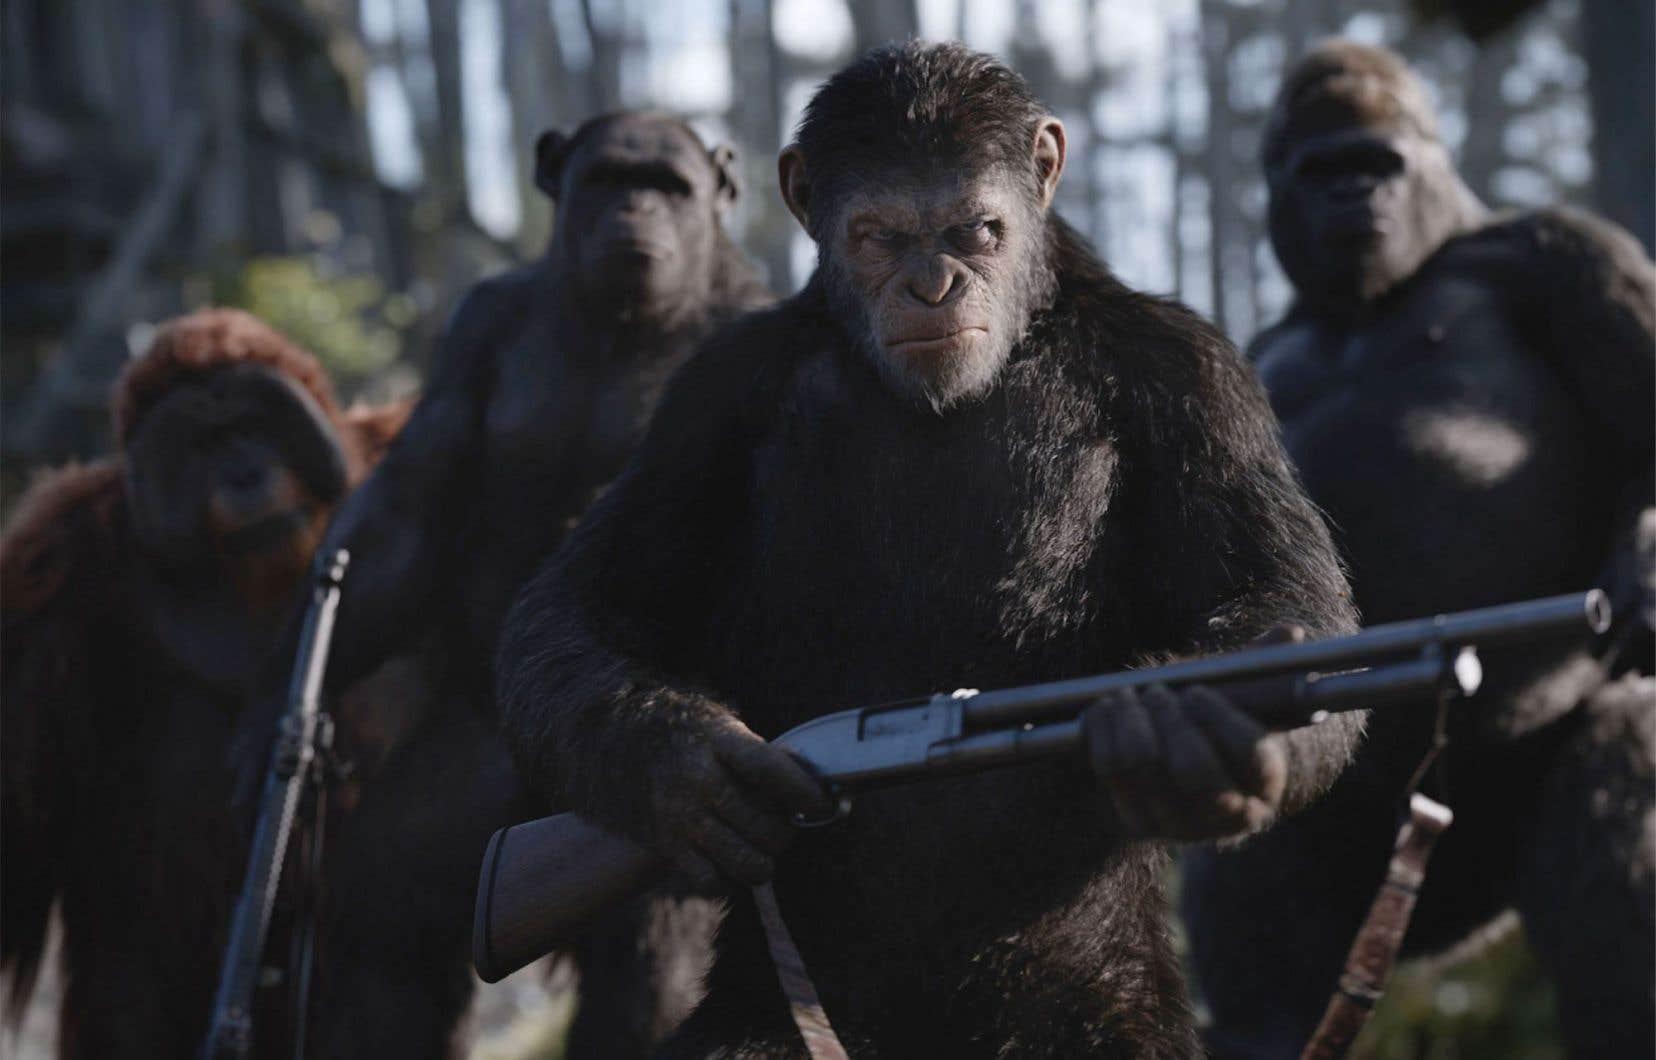 Les primates possèdent ici le monopole de la vertu et de la haine, de l'intelligence stratégique et celle du cœur.